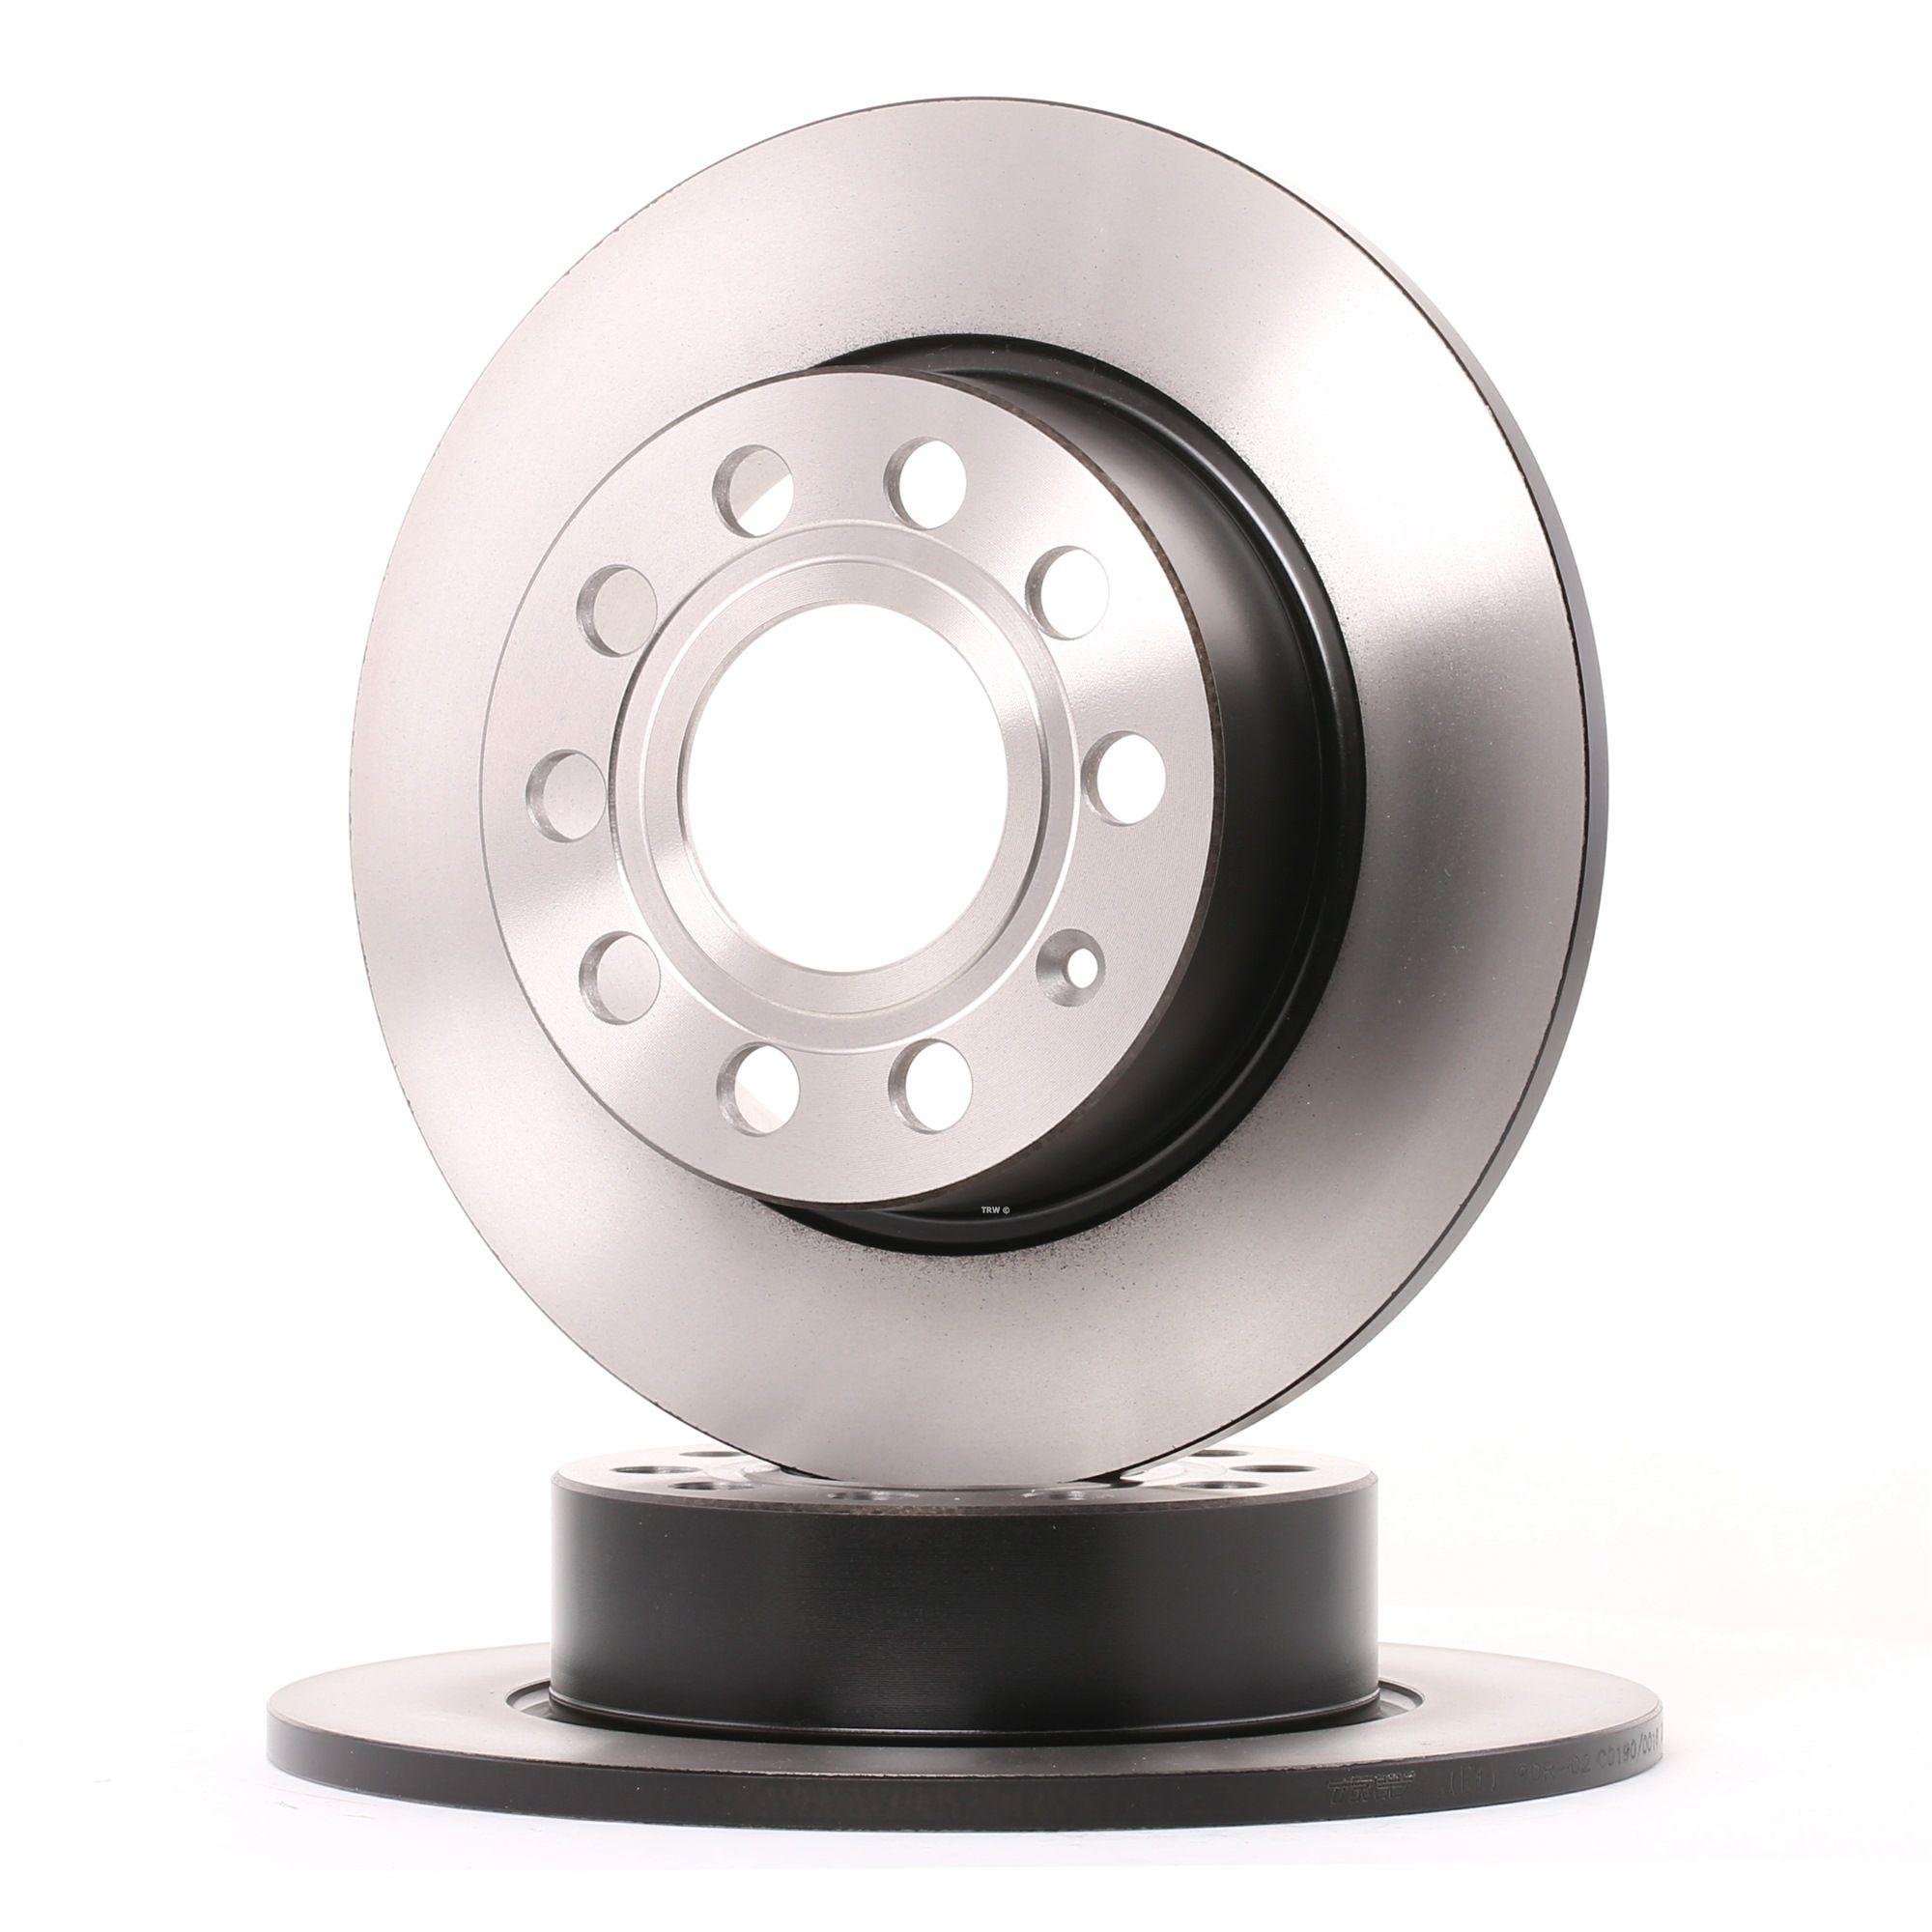 Achetez Disque de frein TRW DF4276 (Ø: 253mm, Nbre de trous: 9, Épaisseur du disque de frein: 10mm) à un rapport qualité-prix exceptionnel